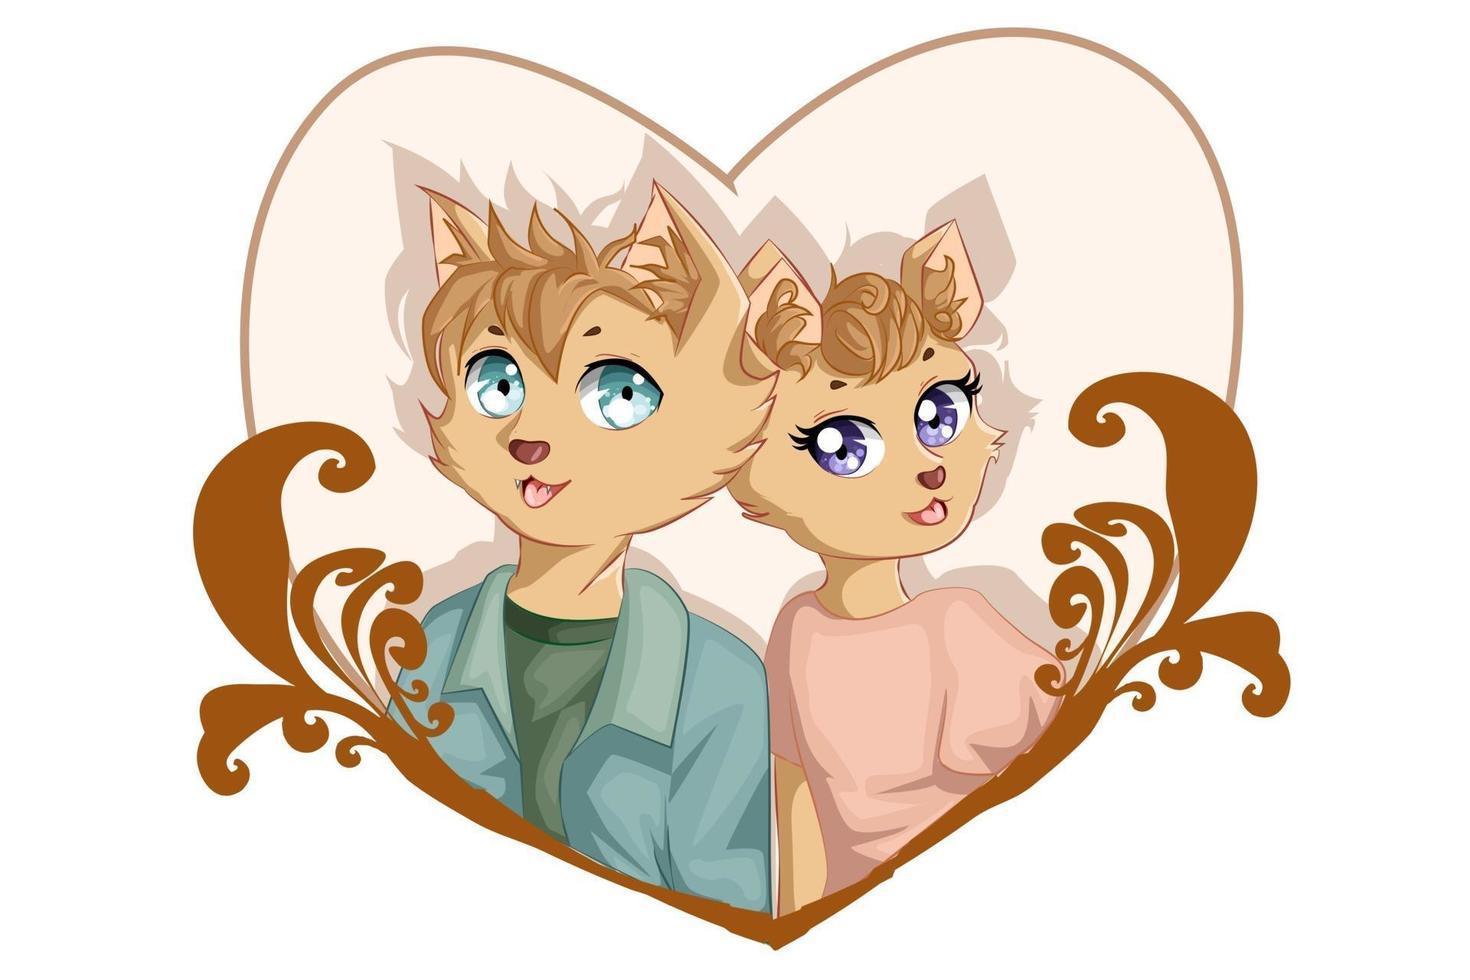 ilustração de personagens de animais de irmãos de gato marrom menino e menina vetor